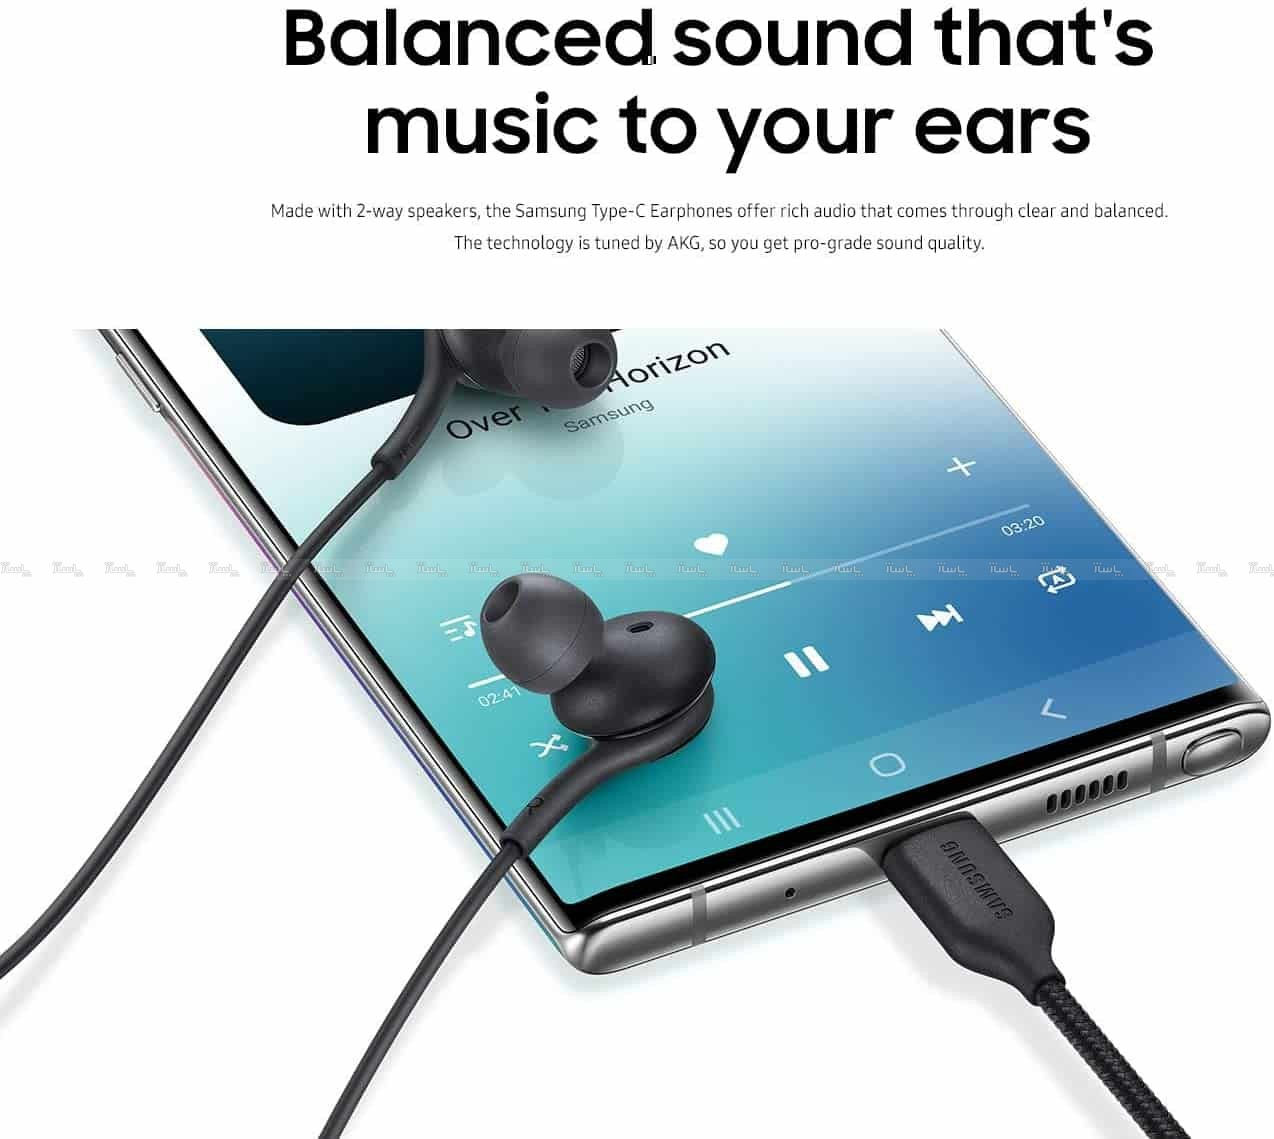 هندزفری اصلی سامسونگ Samsung AKG Type-C Earphone-تصویر اصلی